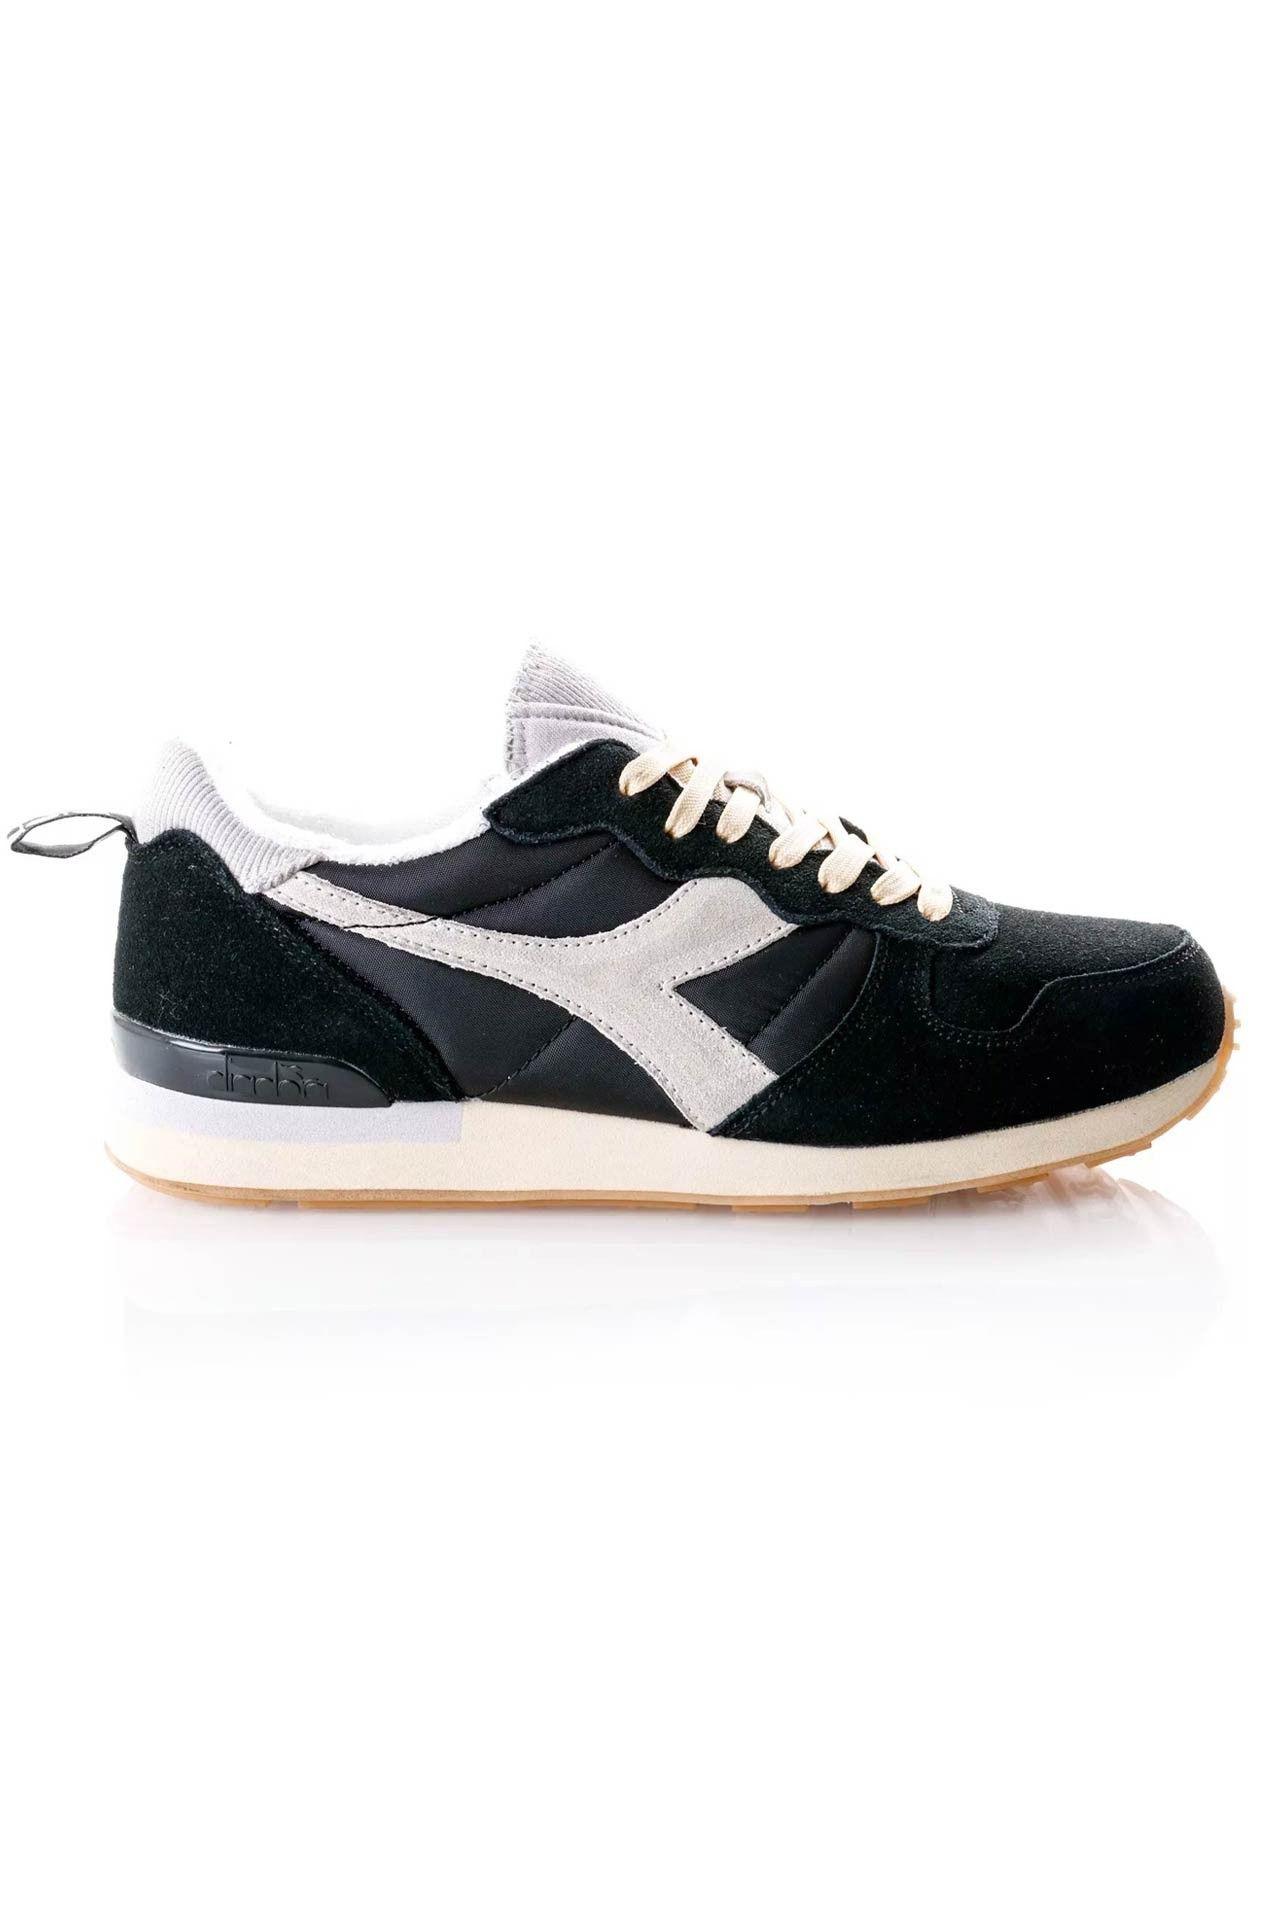 Afbeelding van Diadora Sneakers Camaro Used Black/Alluminium 501175500